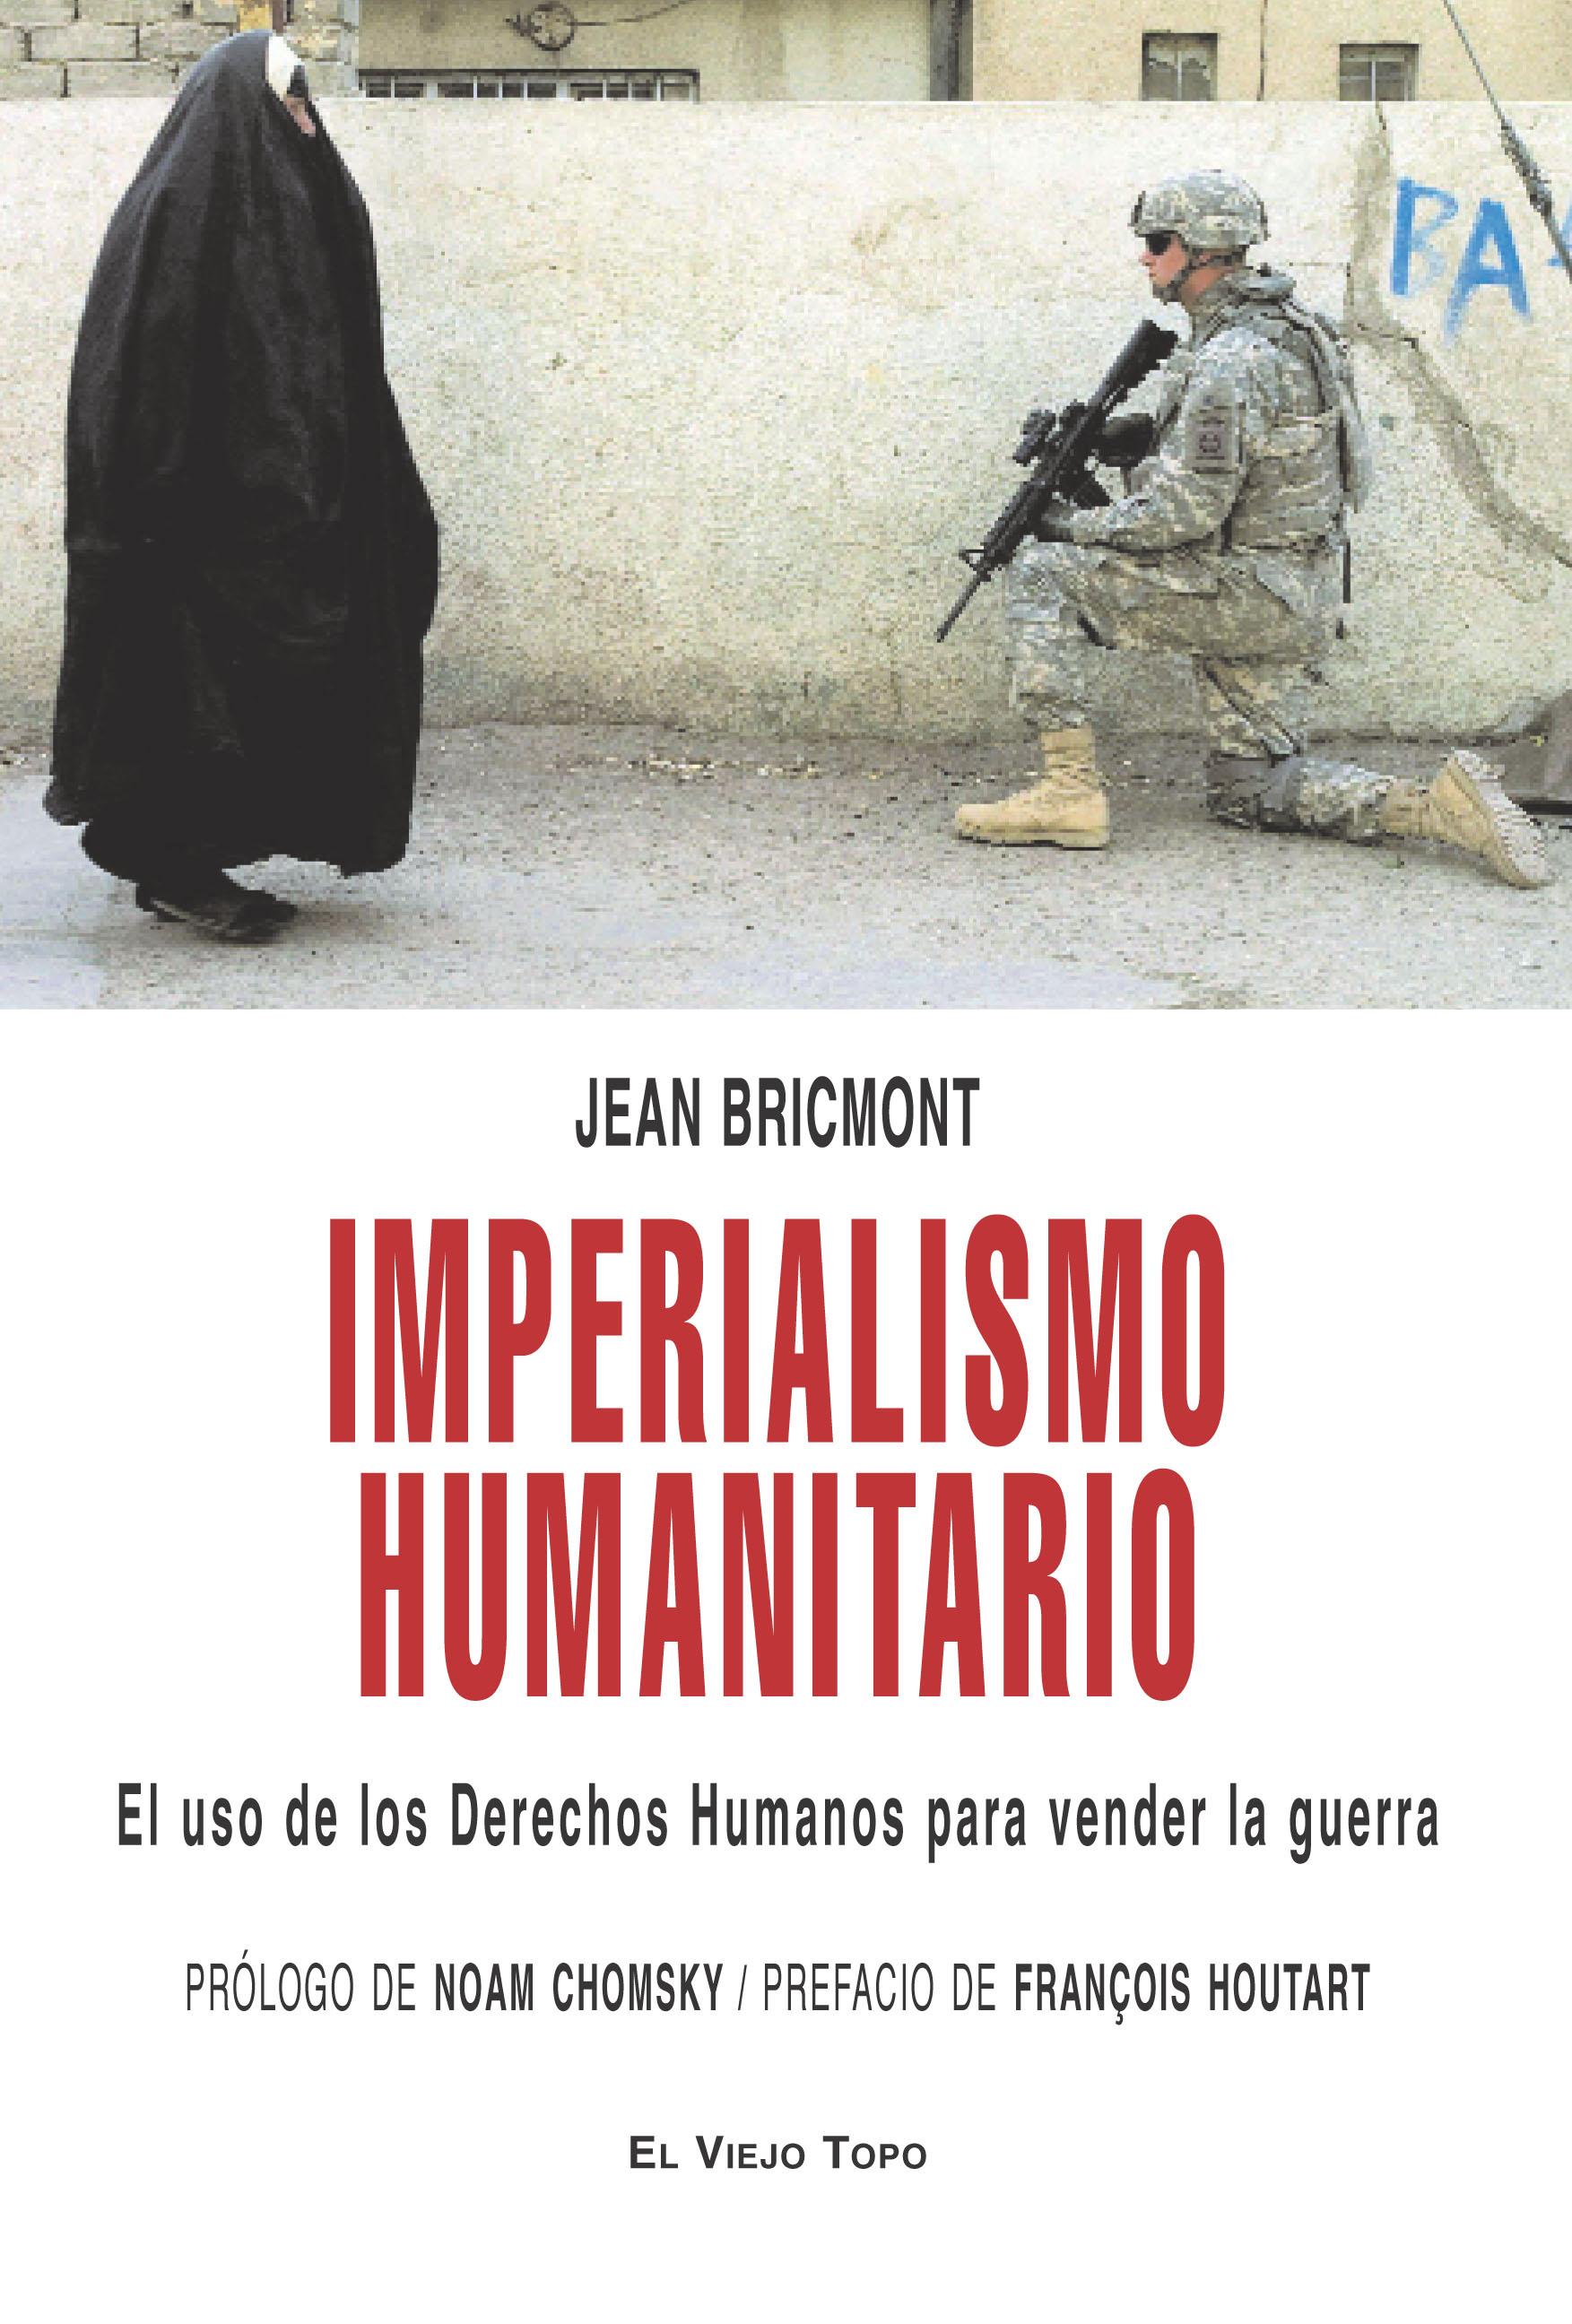 IMPERIALISMO HUMANITARIO : EL USO DE LOS DERECHOS HUMANOS PARA VENDER LA GUERRA